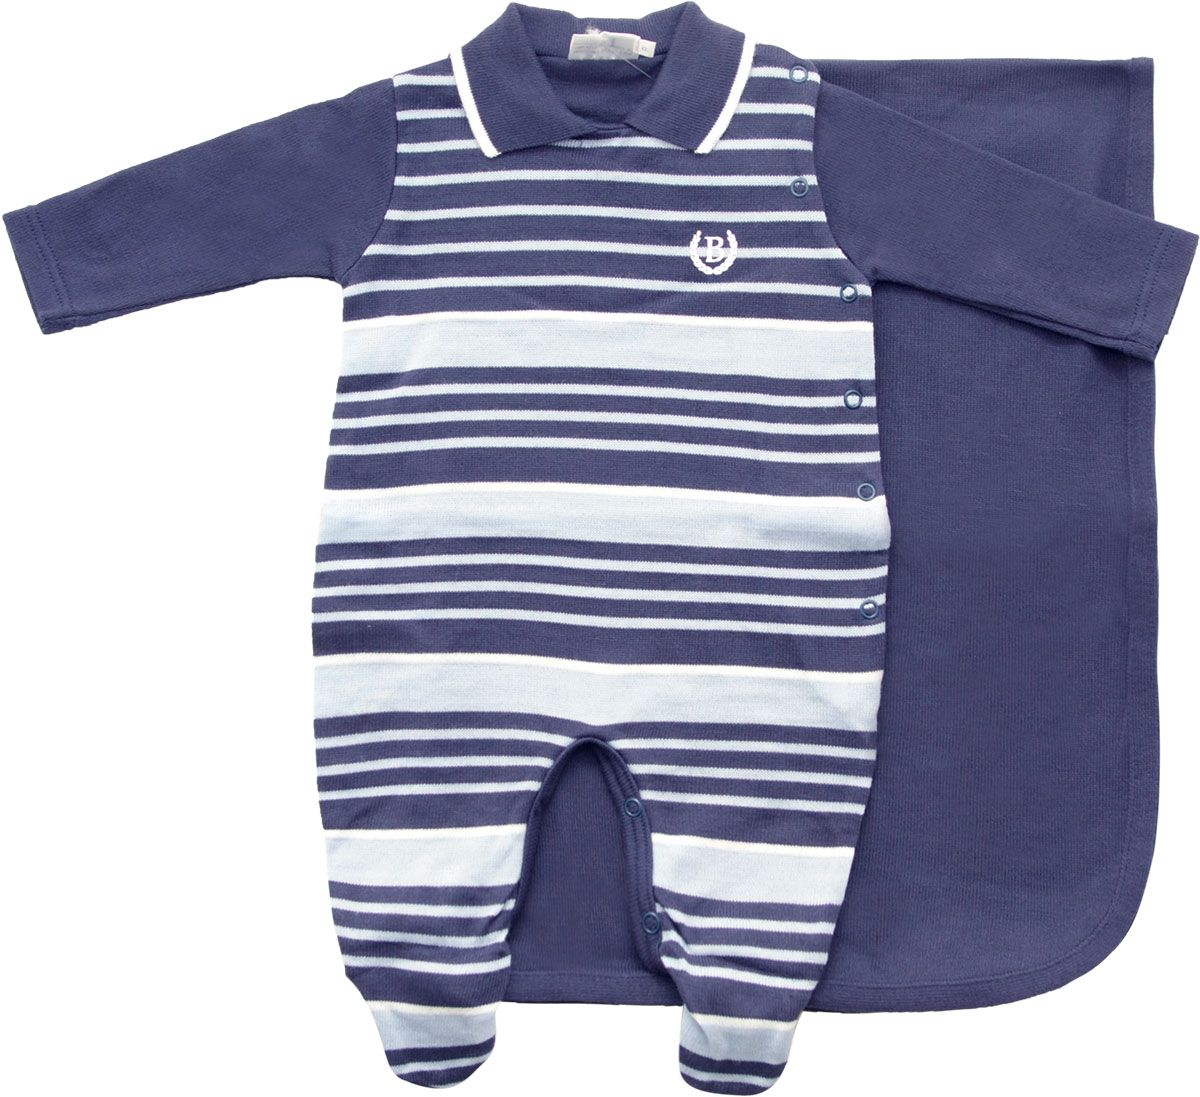 11.536 - Kit Maternidade com Listras Irregulares